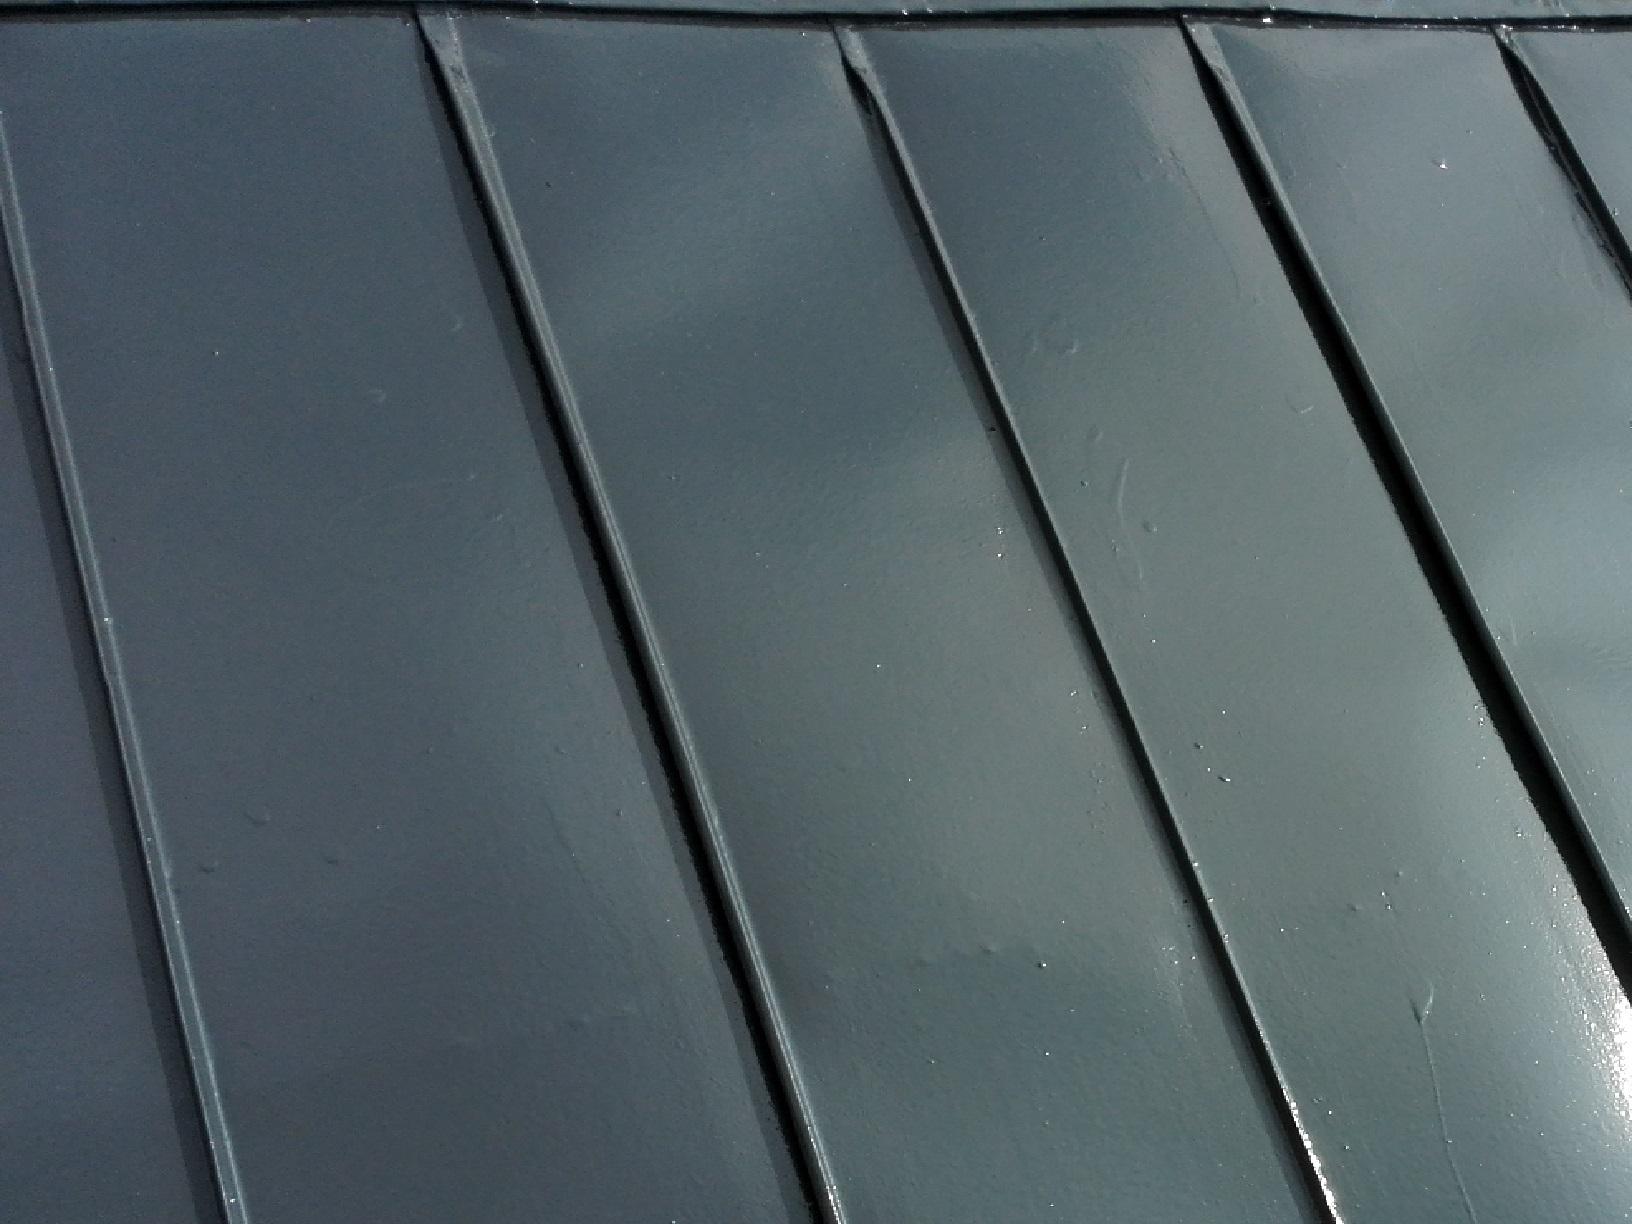 アパート 屋根・破風 上塗り3